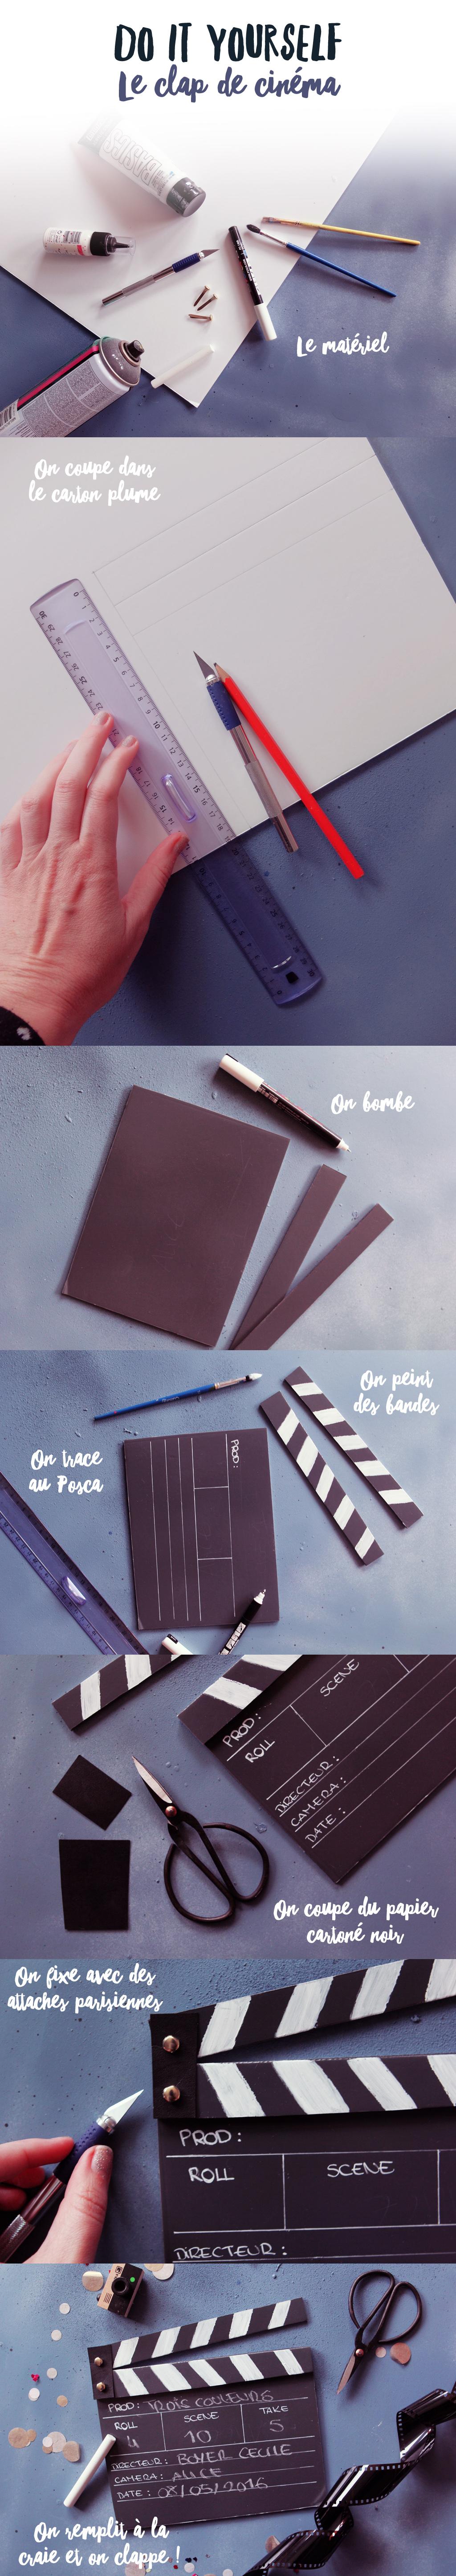 DIY clap de cinema -2